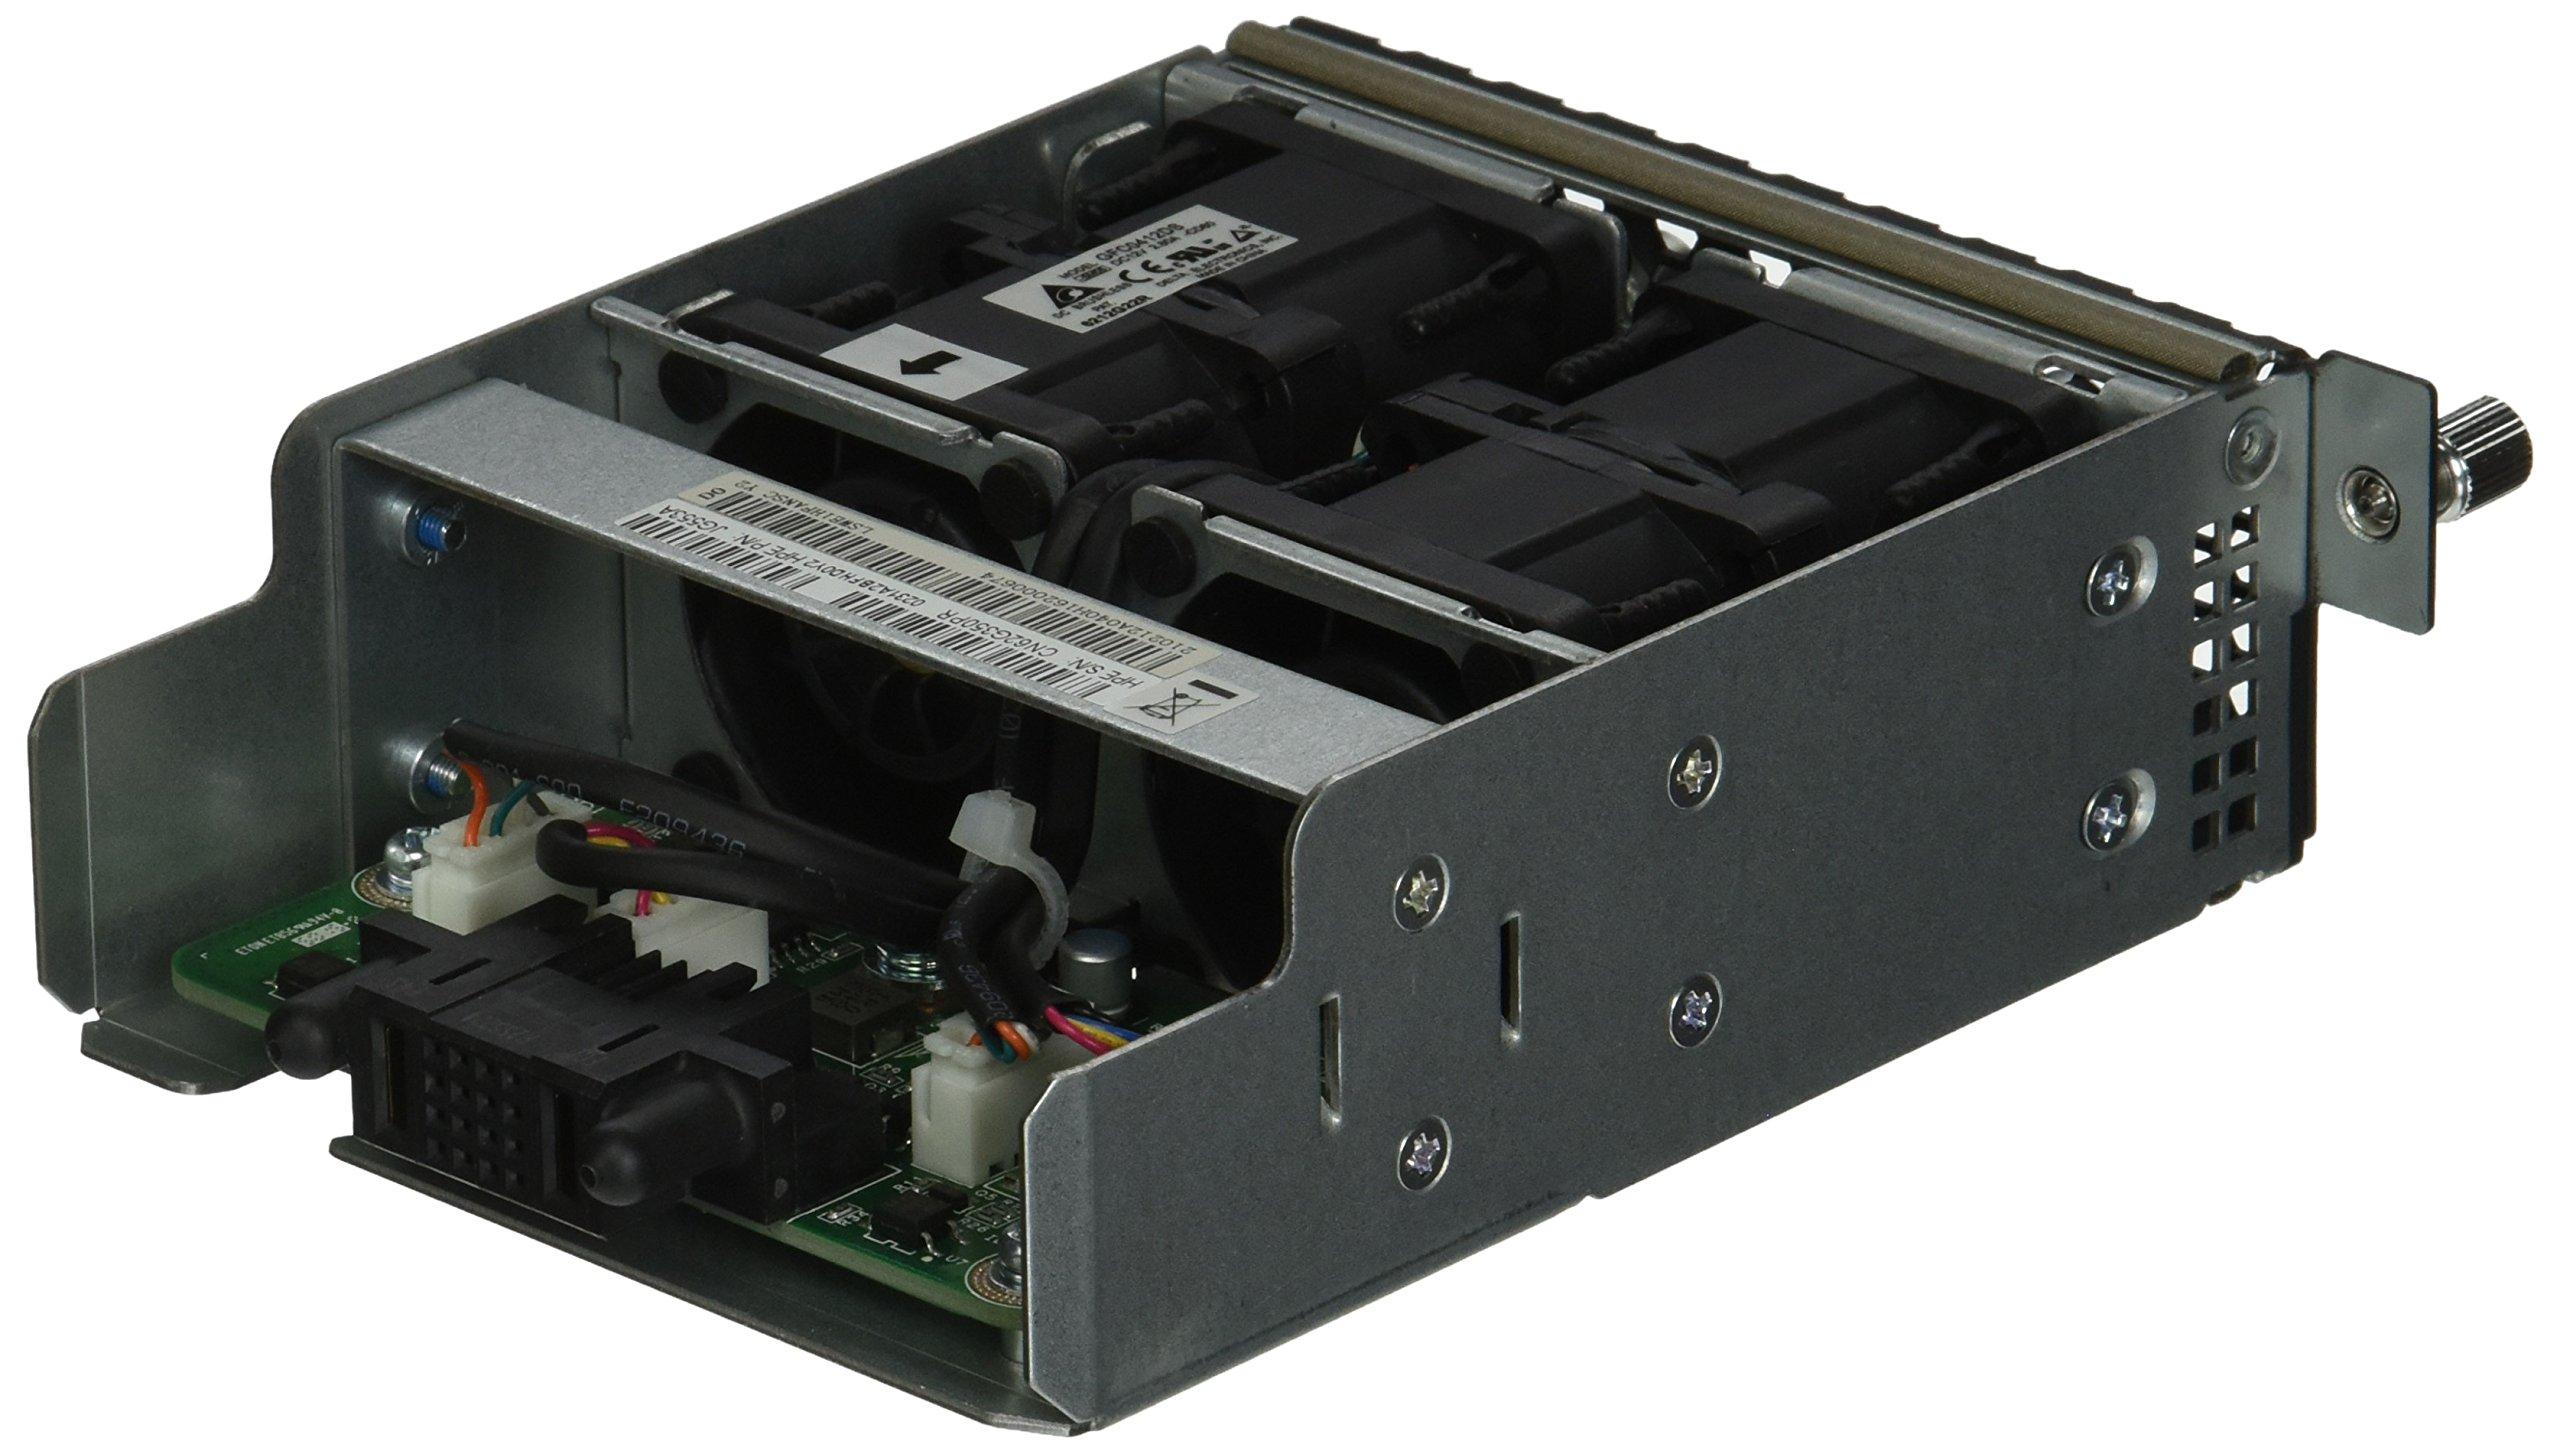 HP Network Device Fan Tray (JG553A)